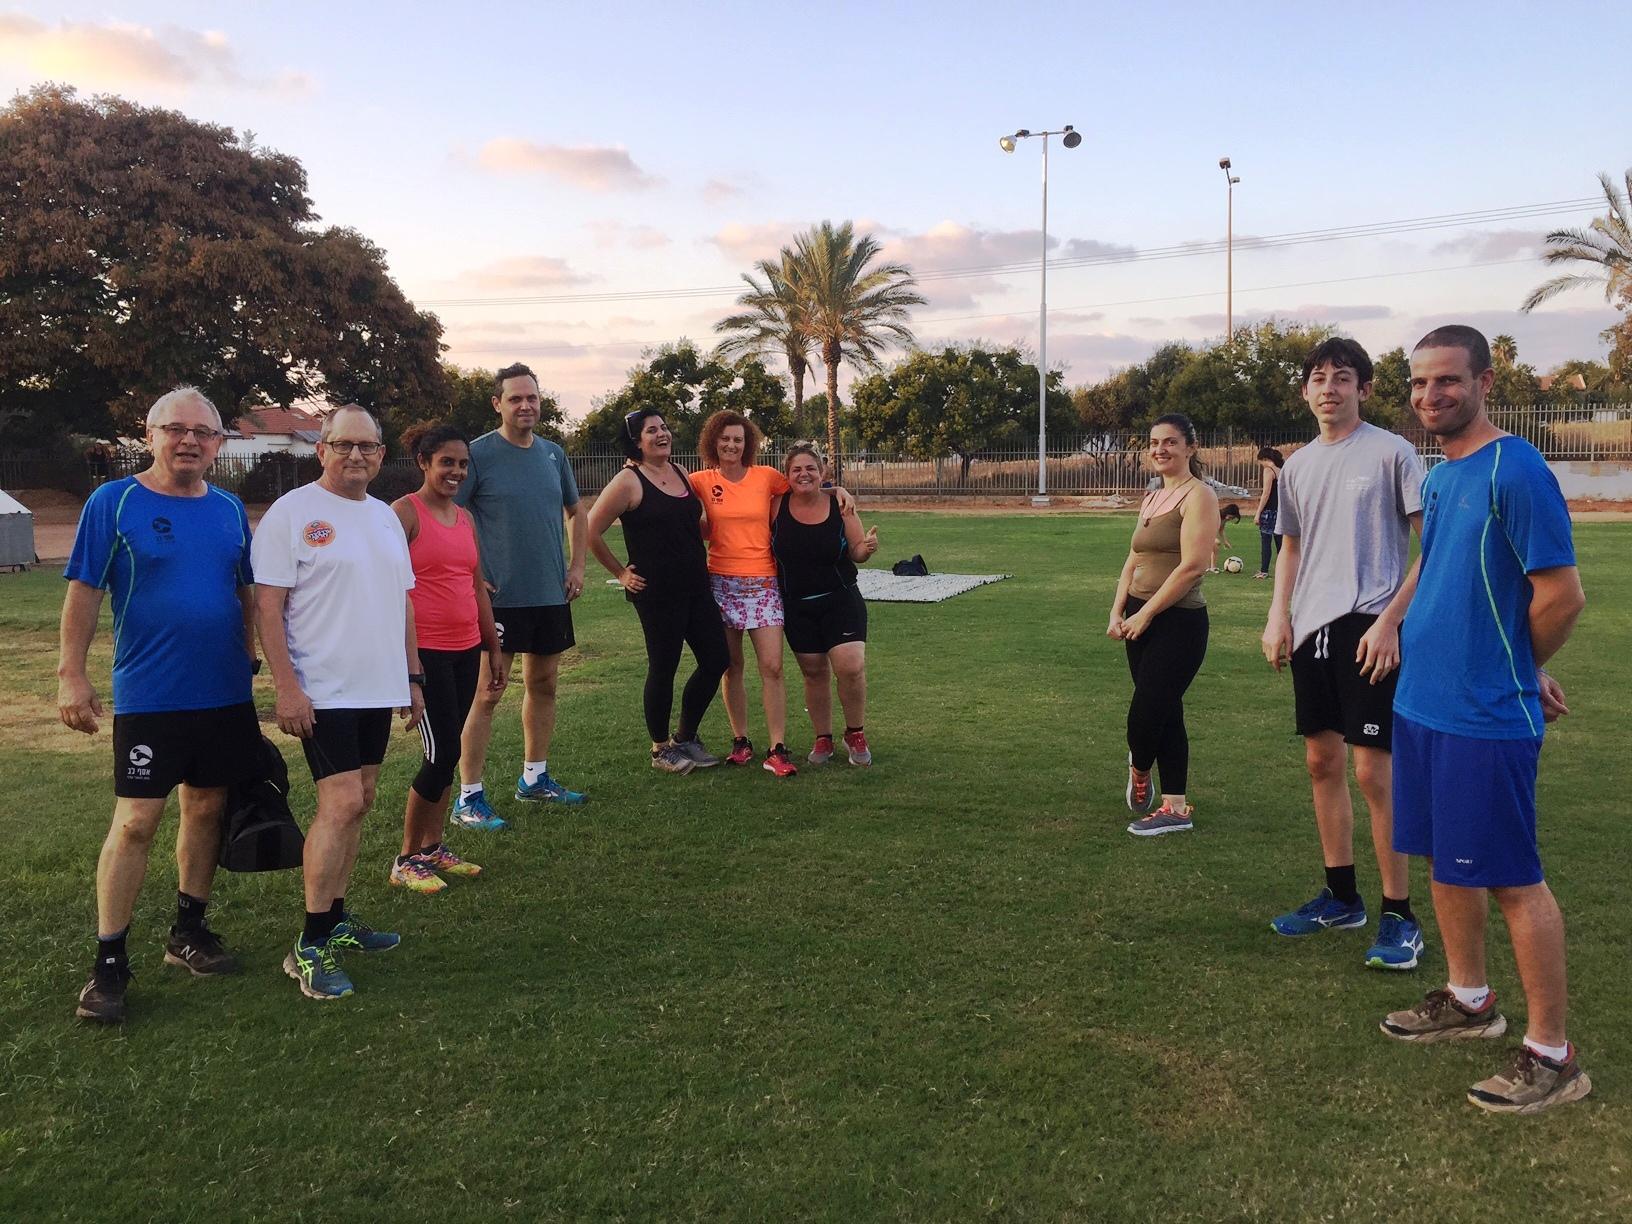 קבוצת ריצה - רצים עם אסף